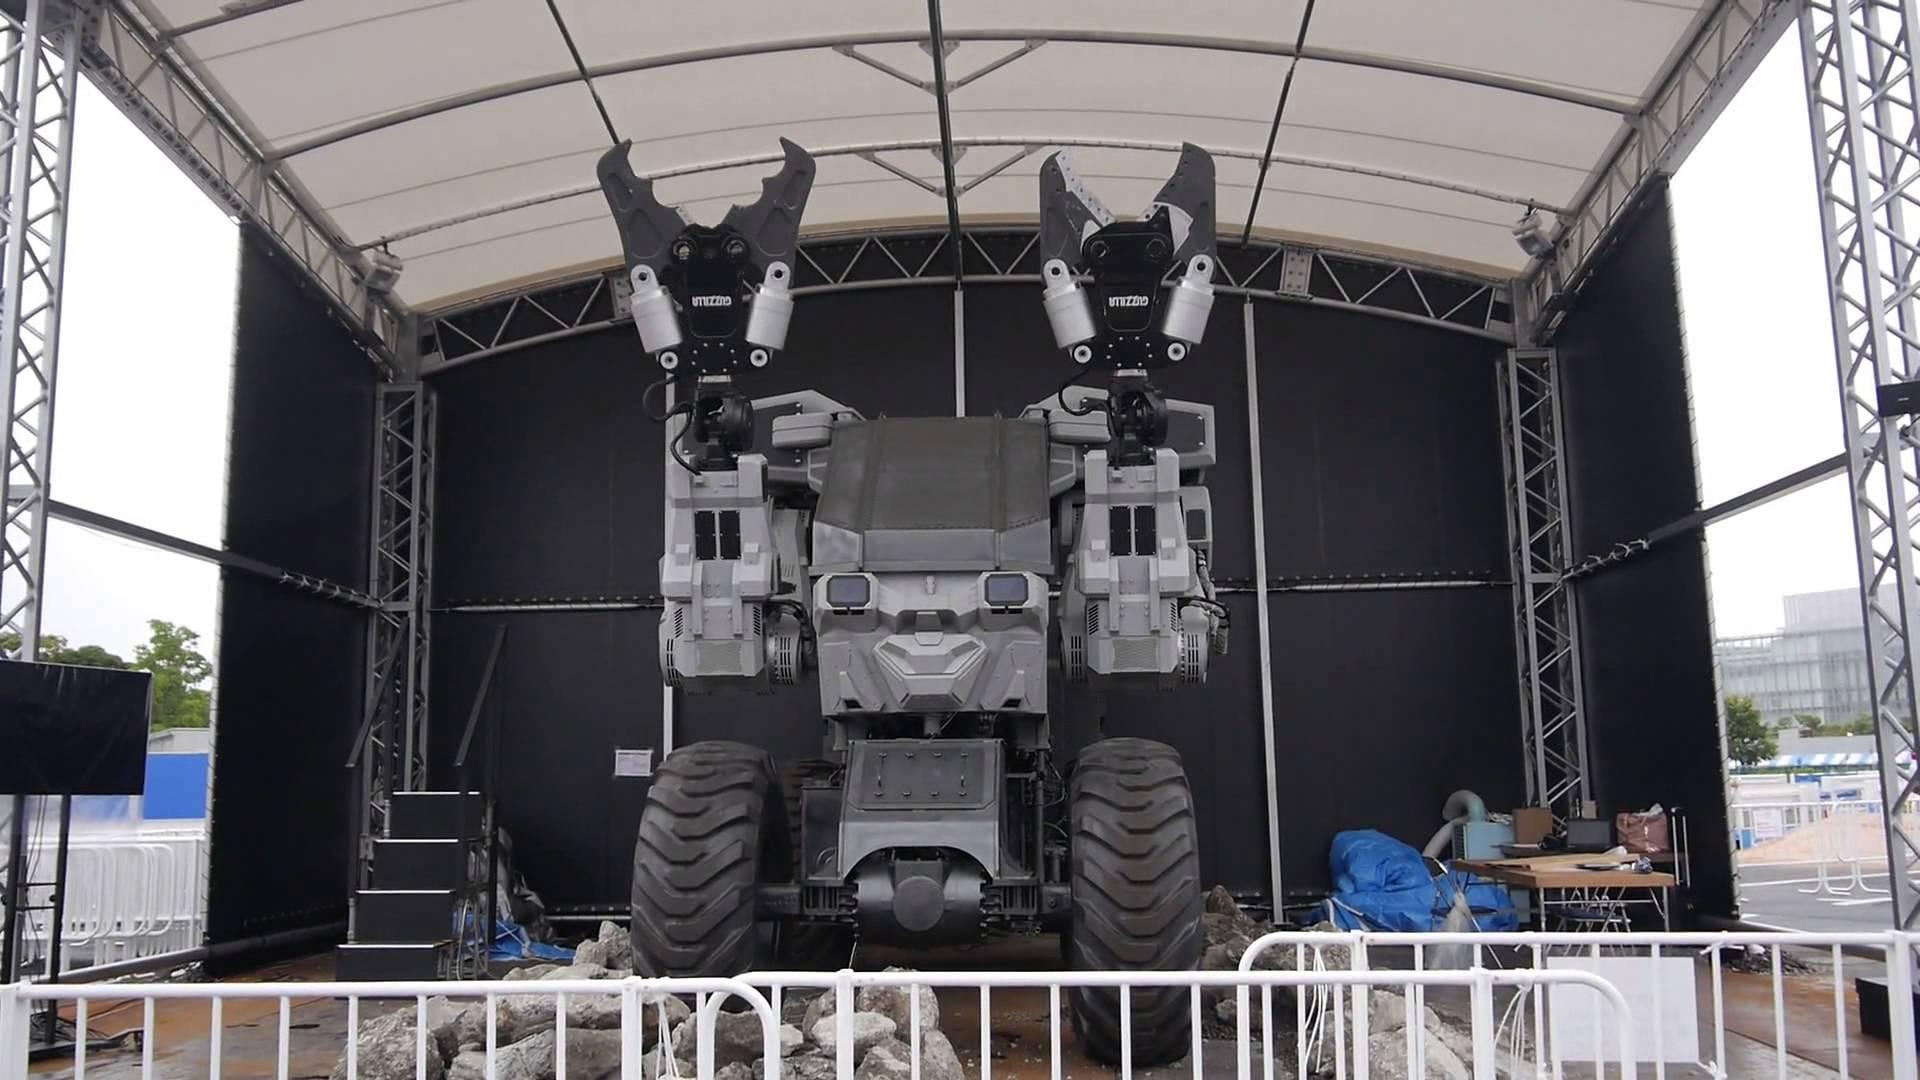 〔 機械人大戰 〕4米高機械人  台場夢大陸親手試